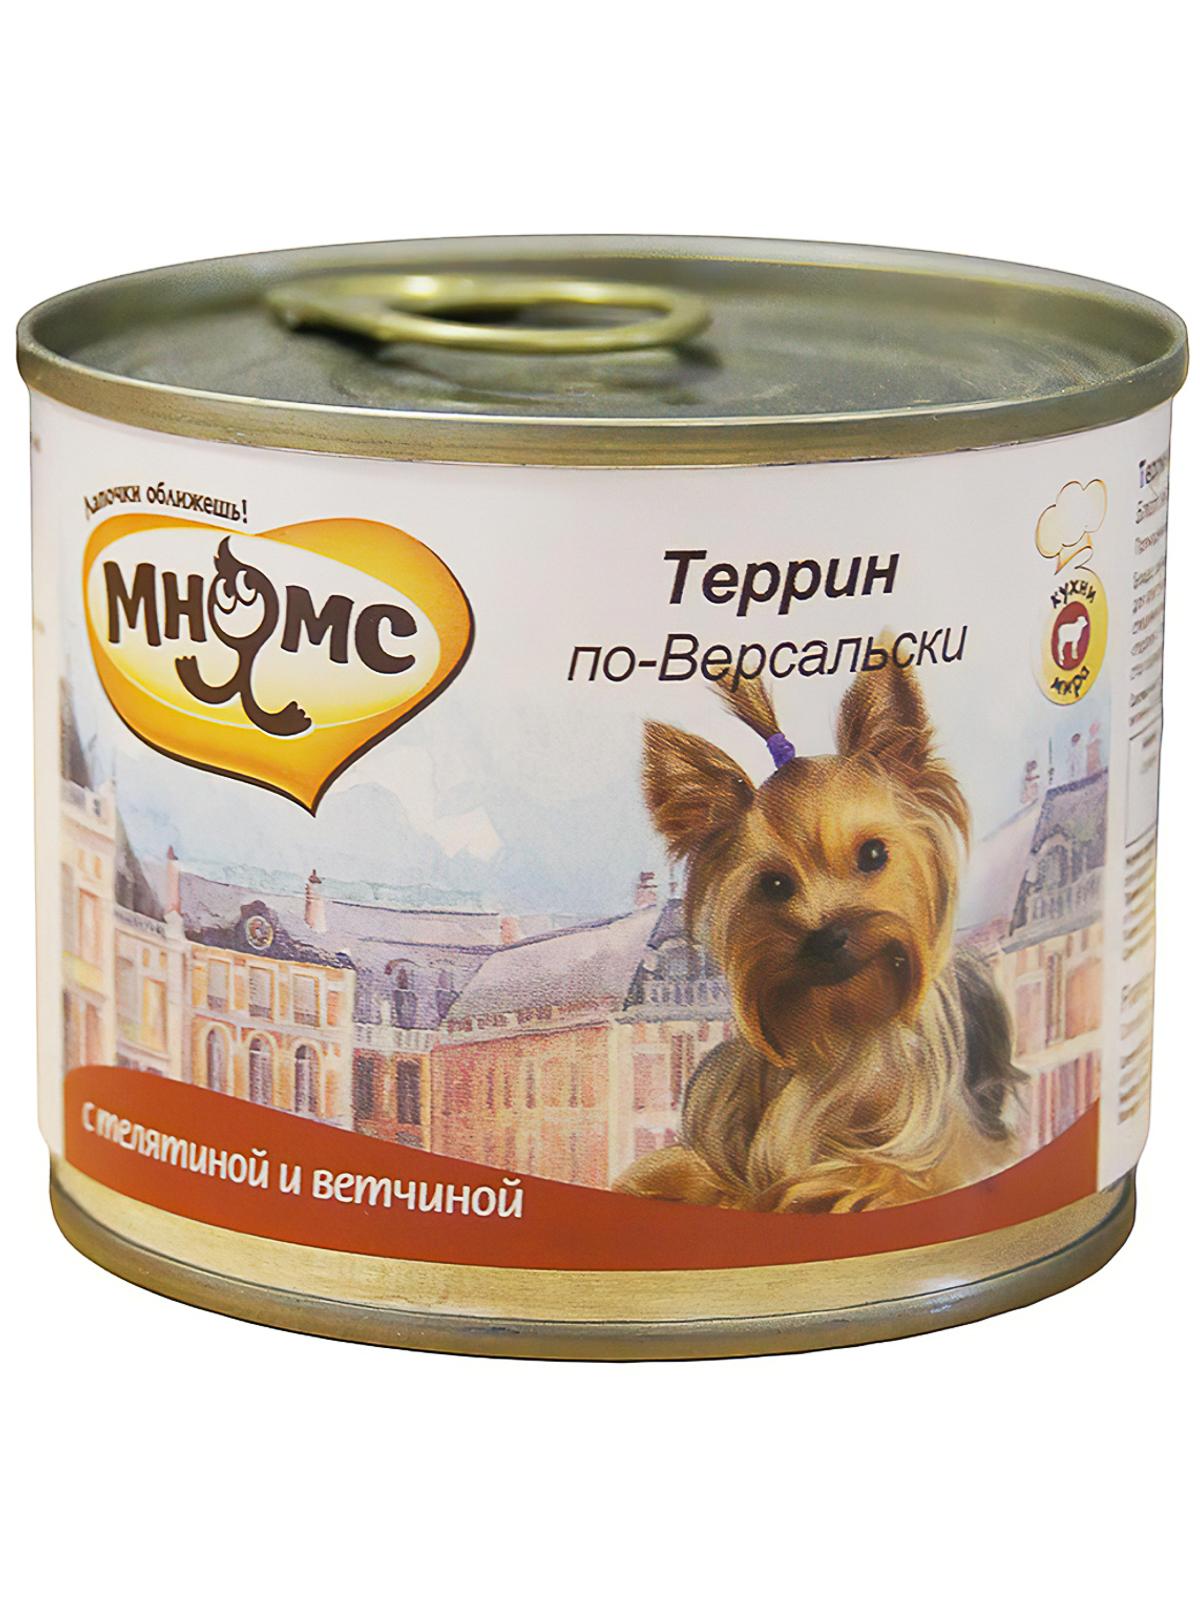 Мнямс Консервы для собак Мнямс Террин по-Версальски (телятина с ветчиной) 57655_1.jpg